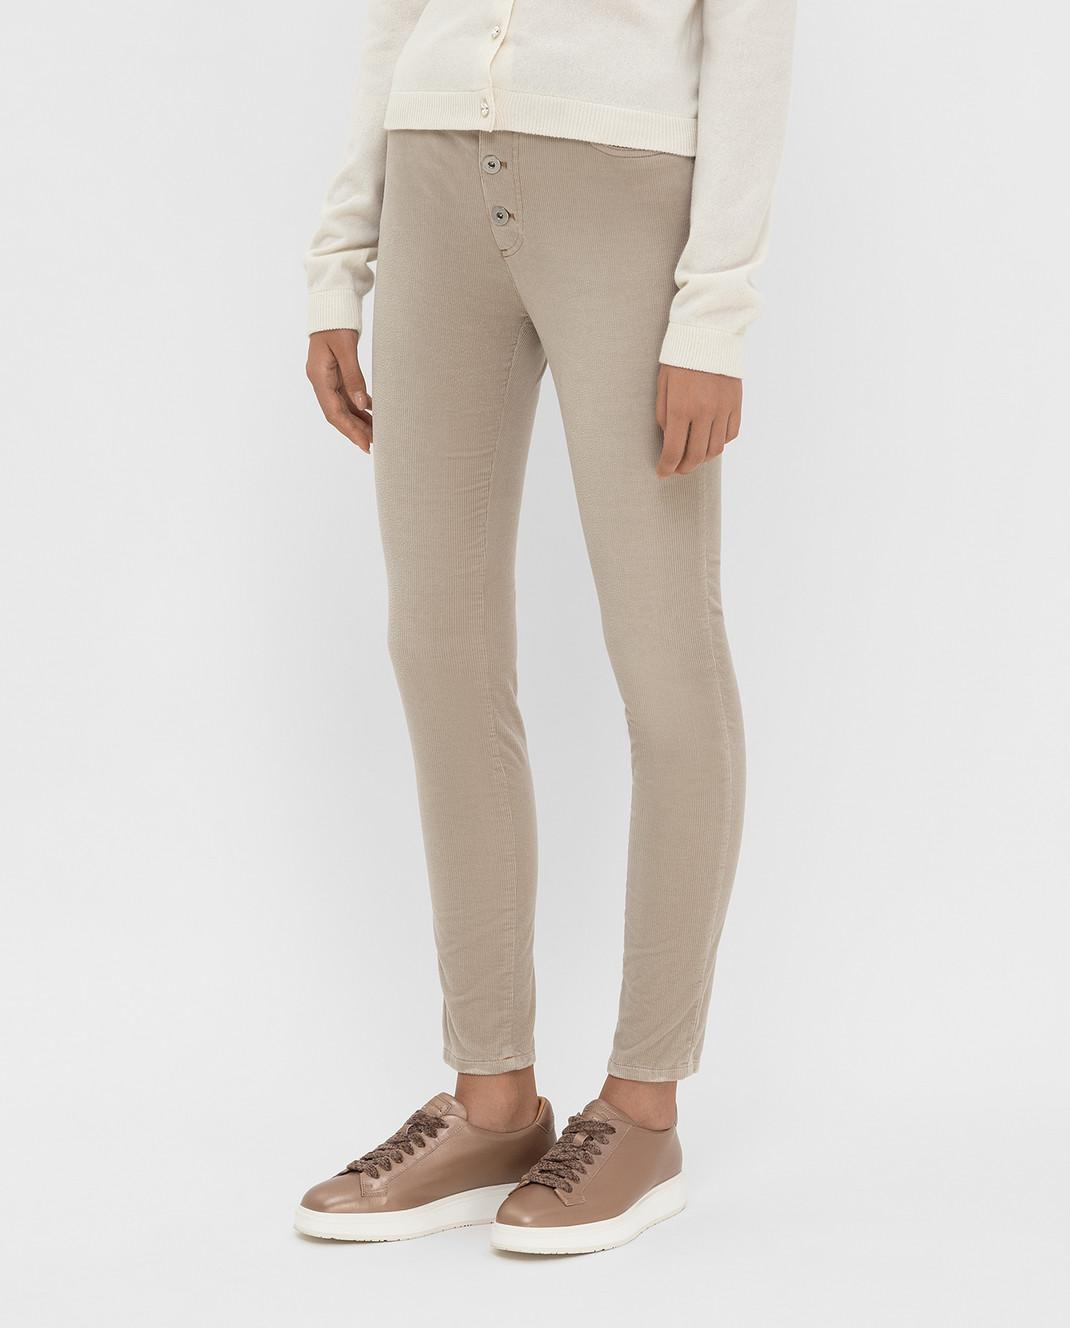 Miu Miu Бежевые вельветовые джинсы изображение 3